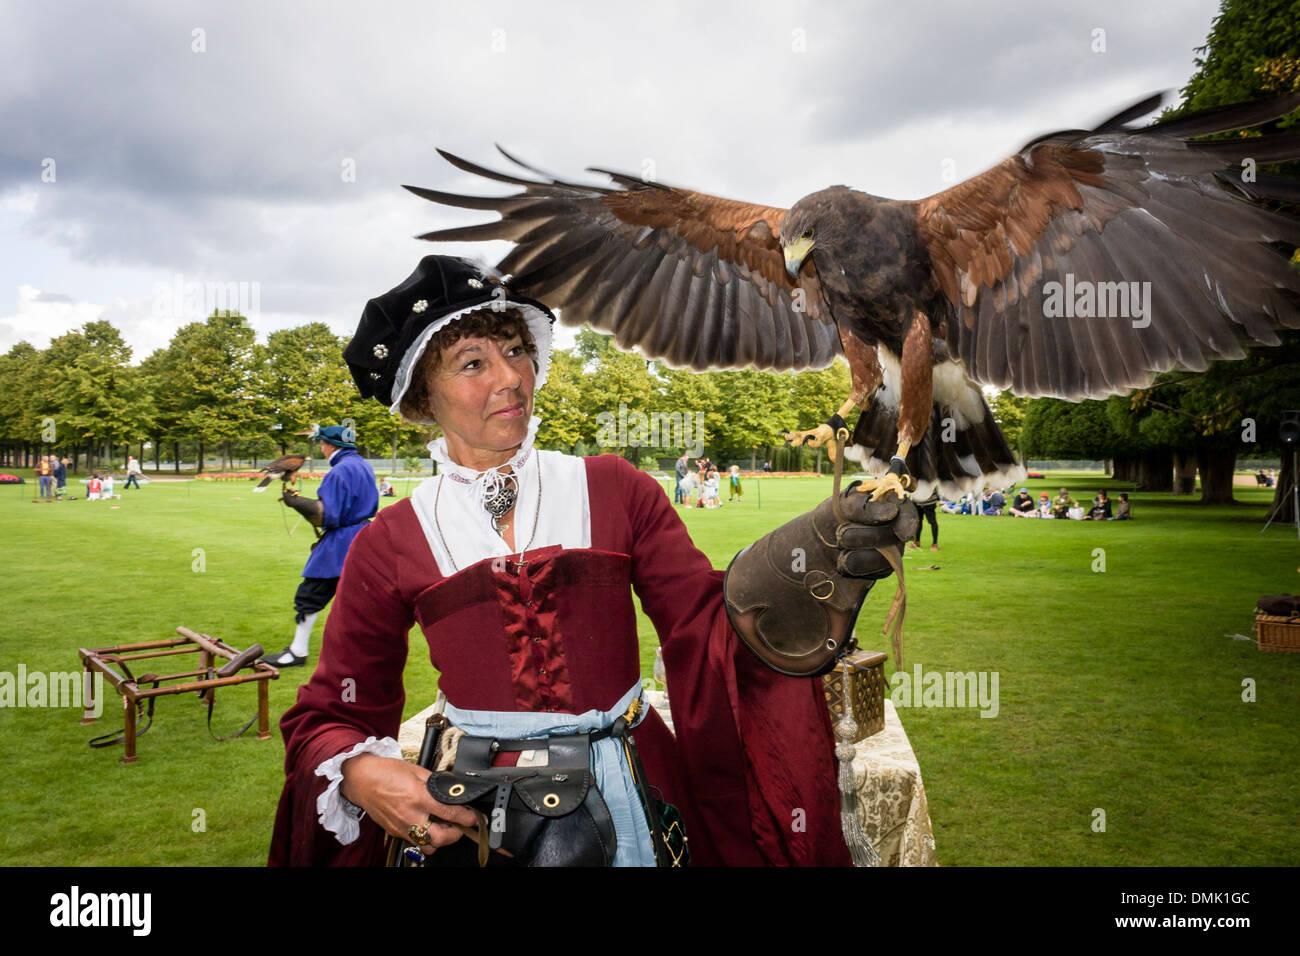 Harris Hawk auf eine Falknerei Display mit Schauspielern im Zeitraum Tudor Kostüm an der Hampton Court Palace, London, England, GB, UK. Stockbild